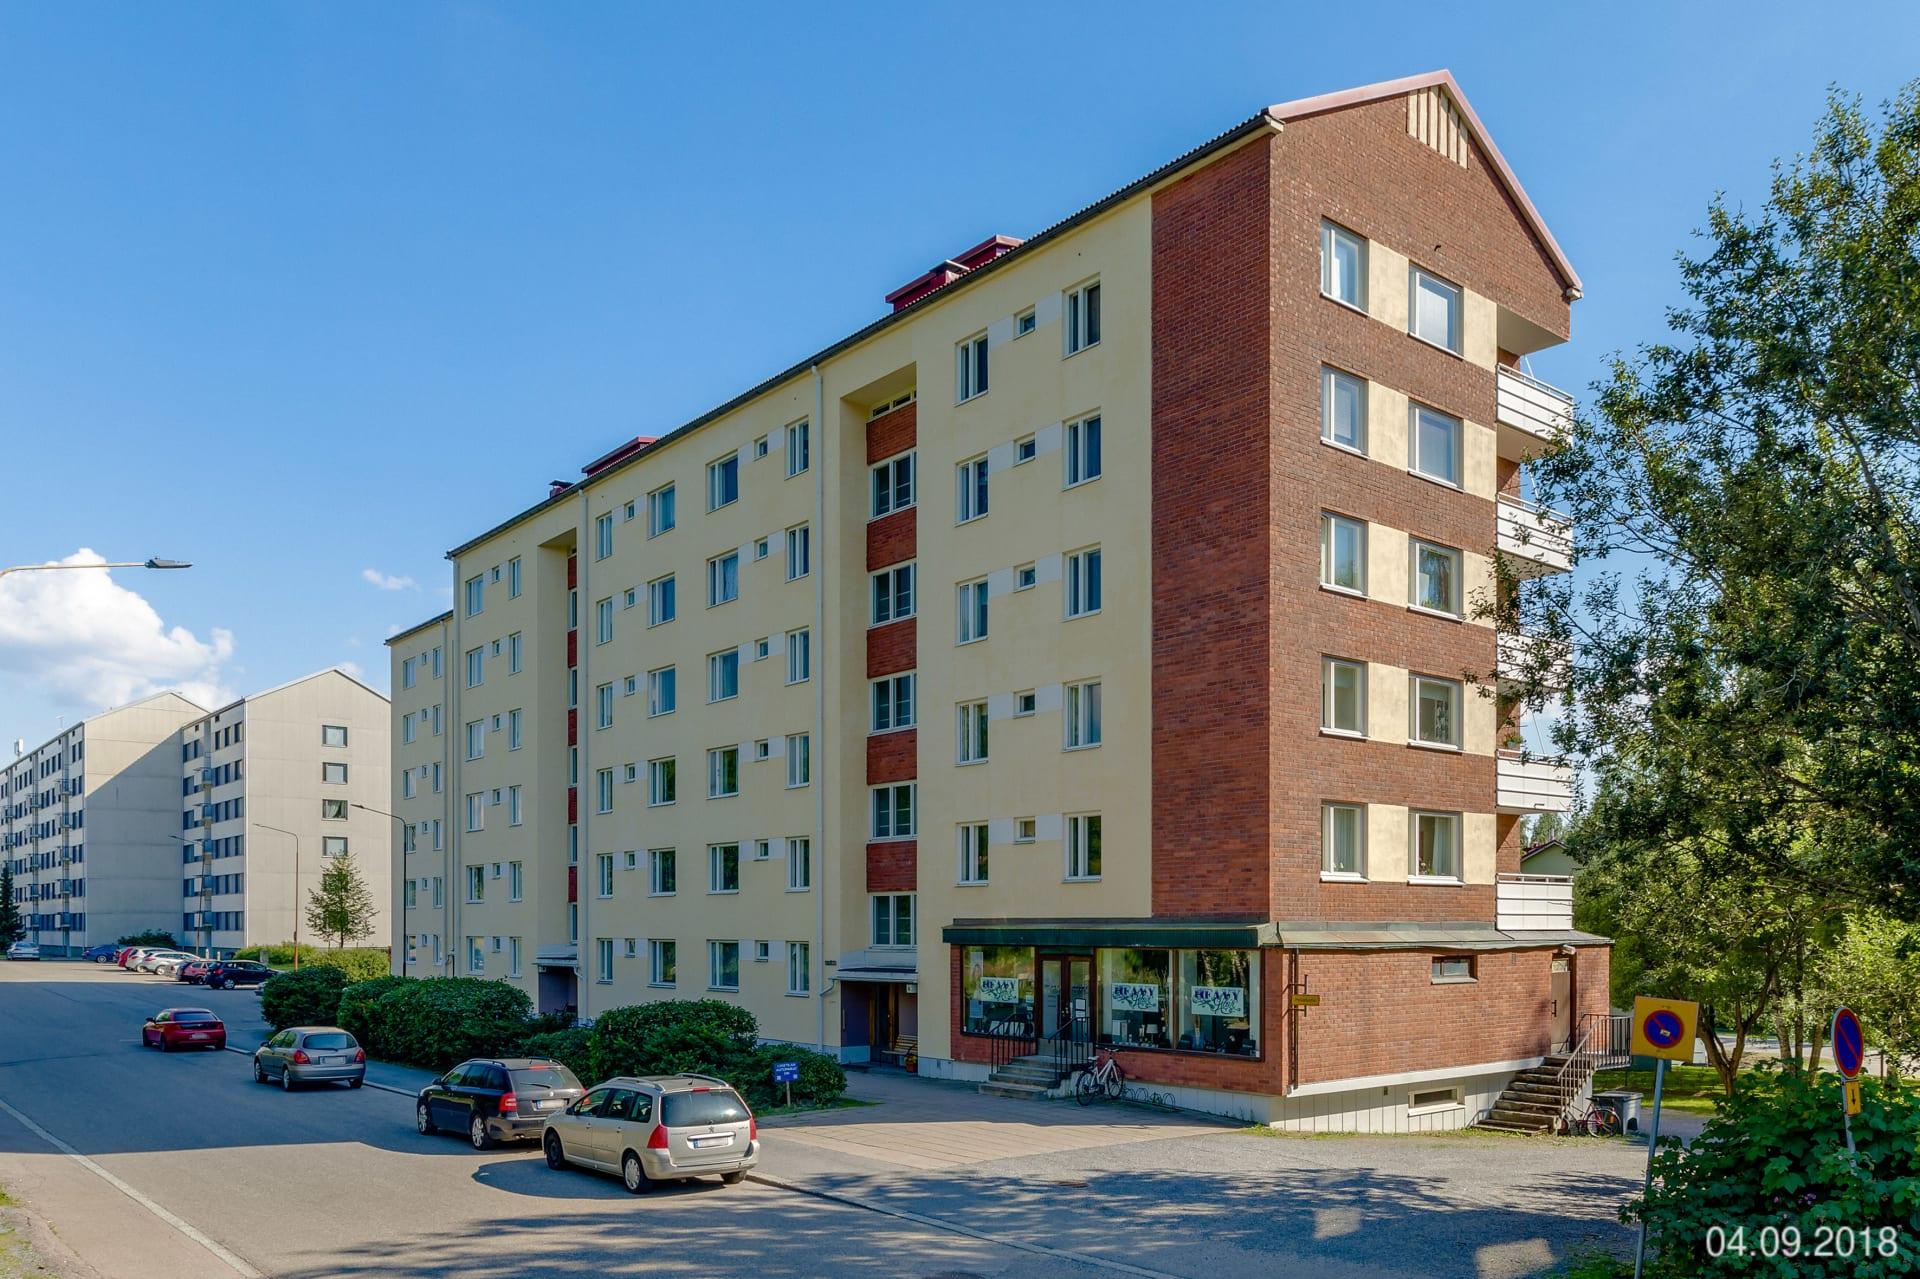 Tampereen Kaupungin Vuokra Asunnot